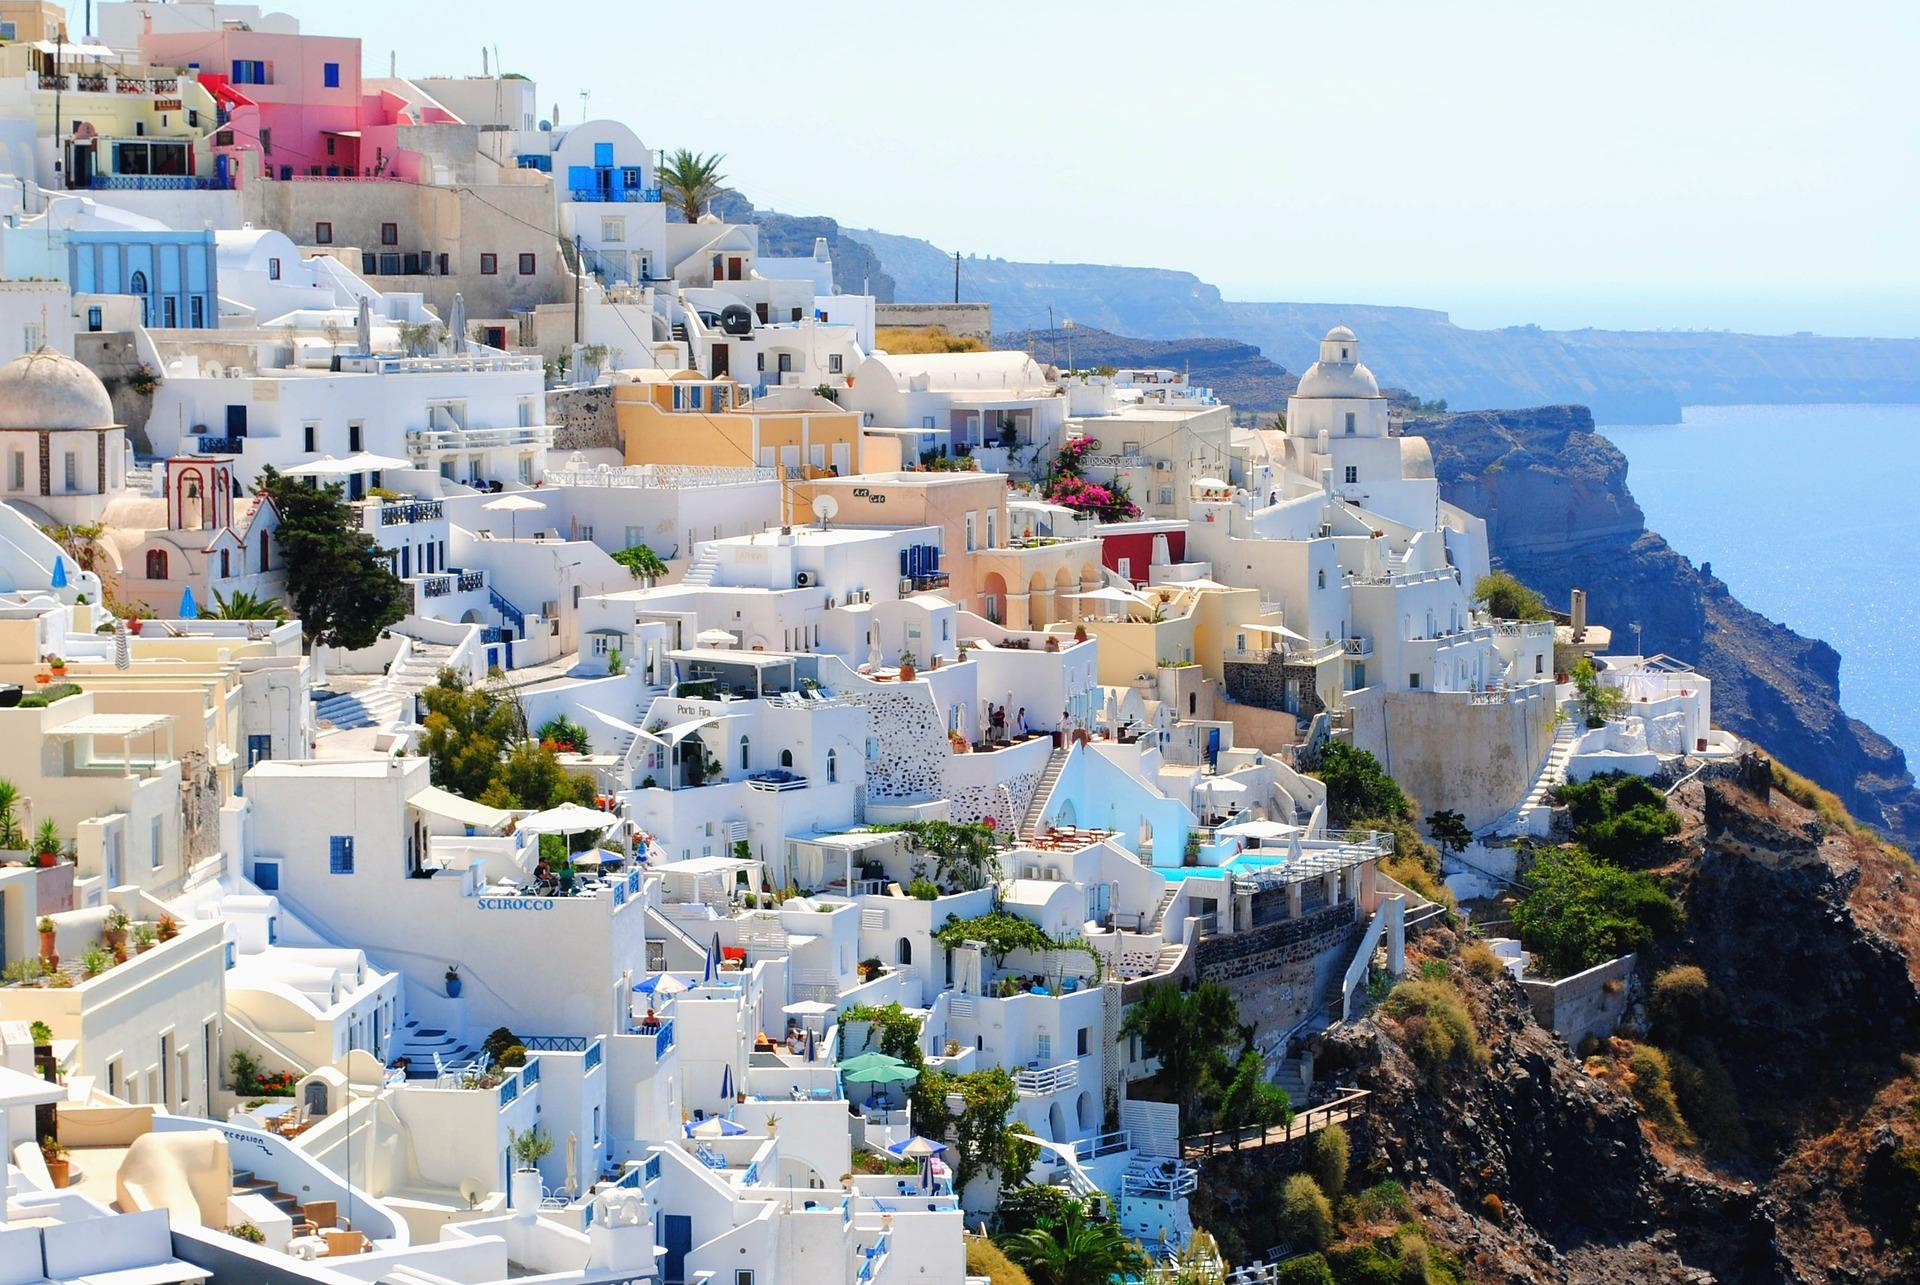 Santorin, Grèce, voyage, vacances, été, village, Mer, Sky, Escapade écran HD fonds d'écran - Professor-falken.com